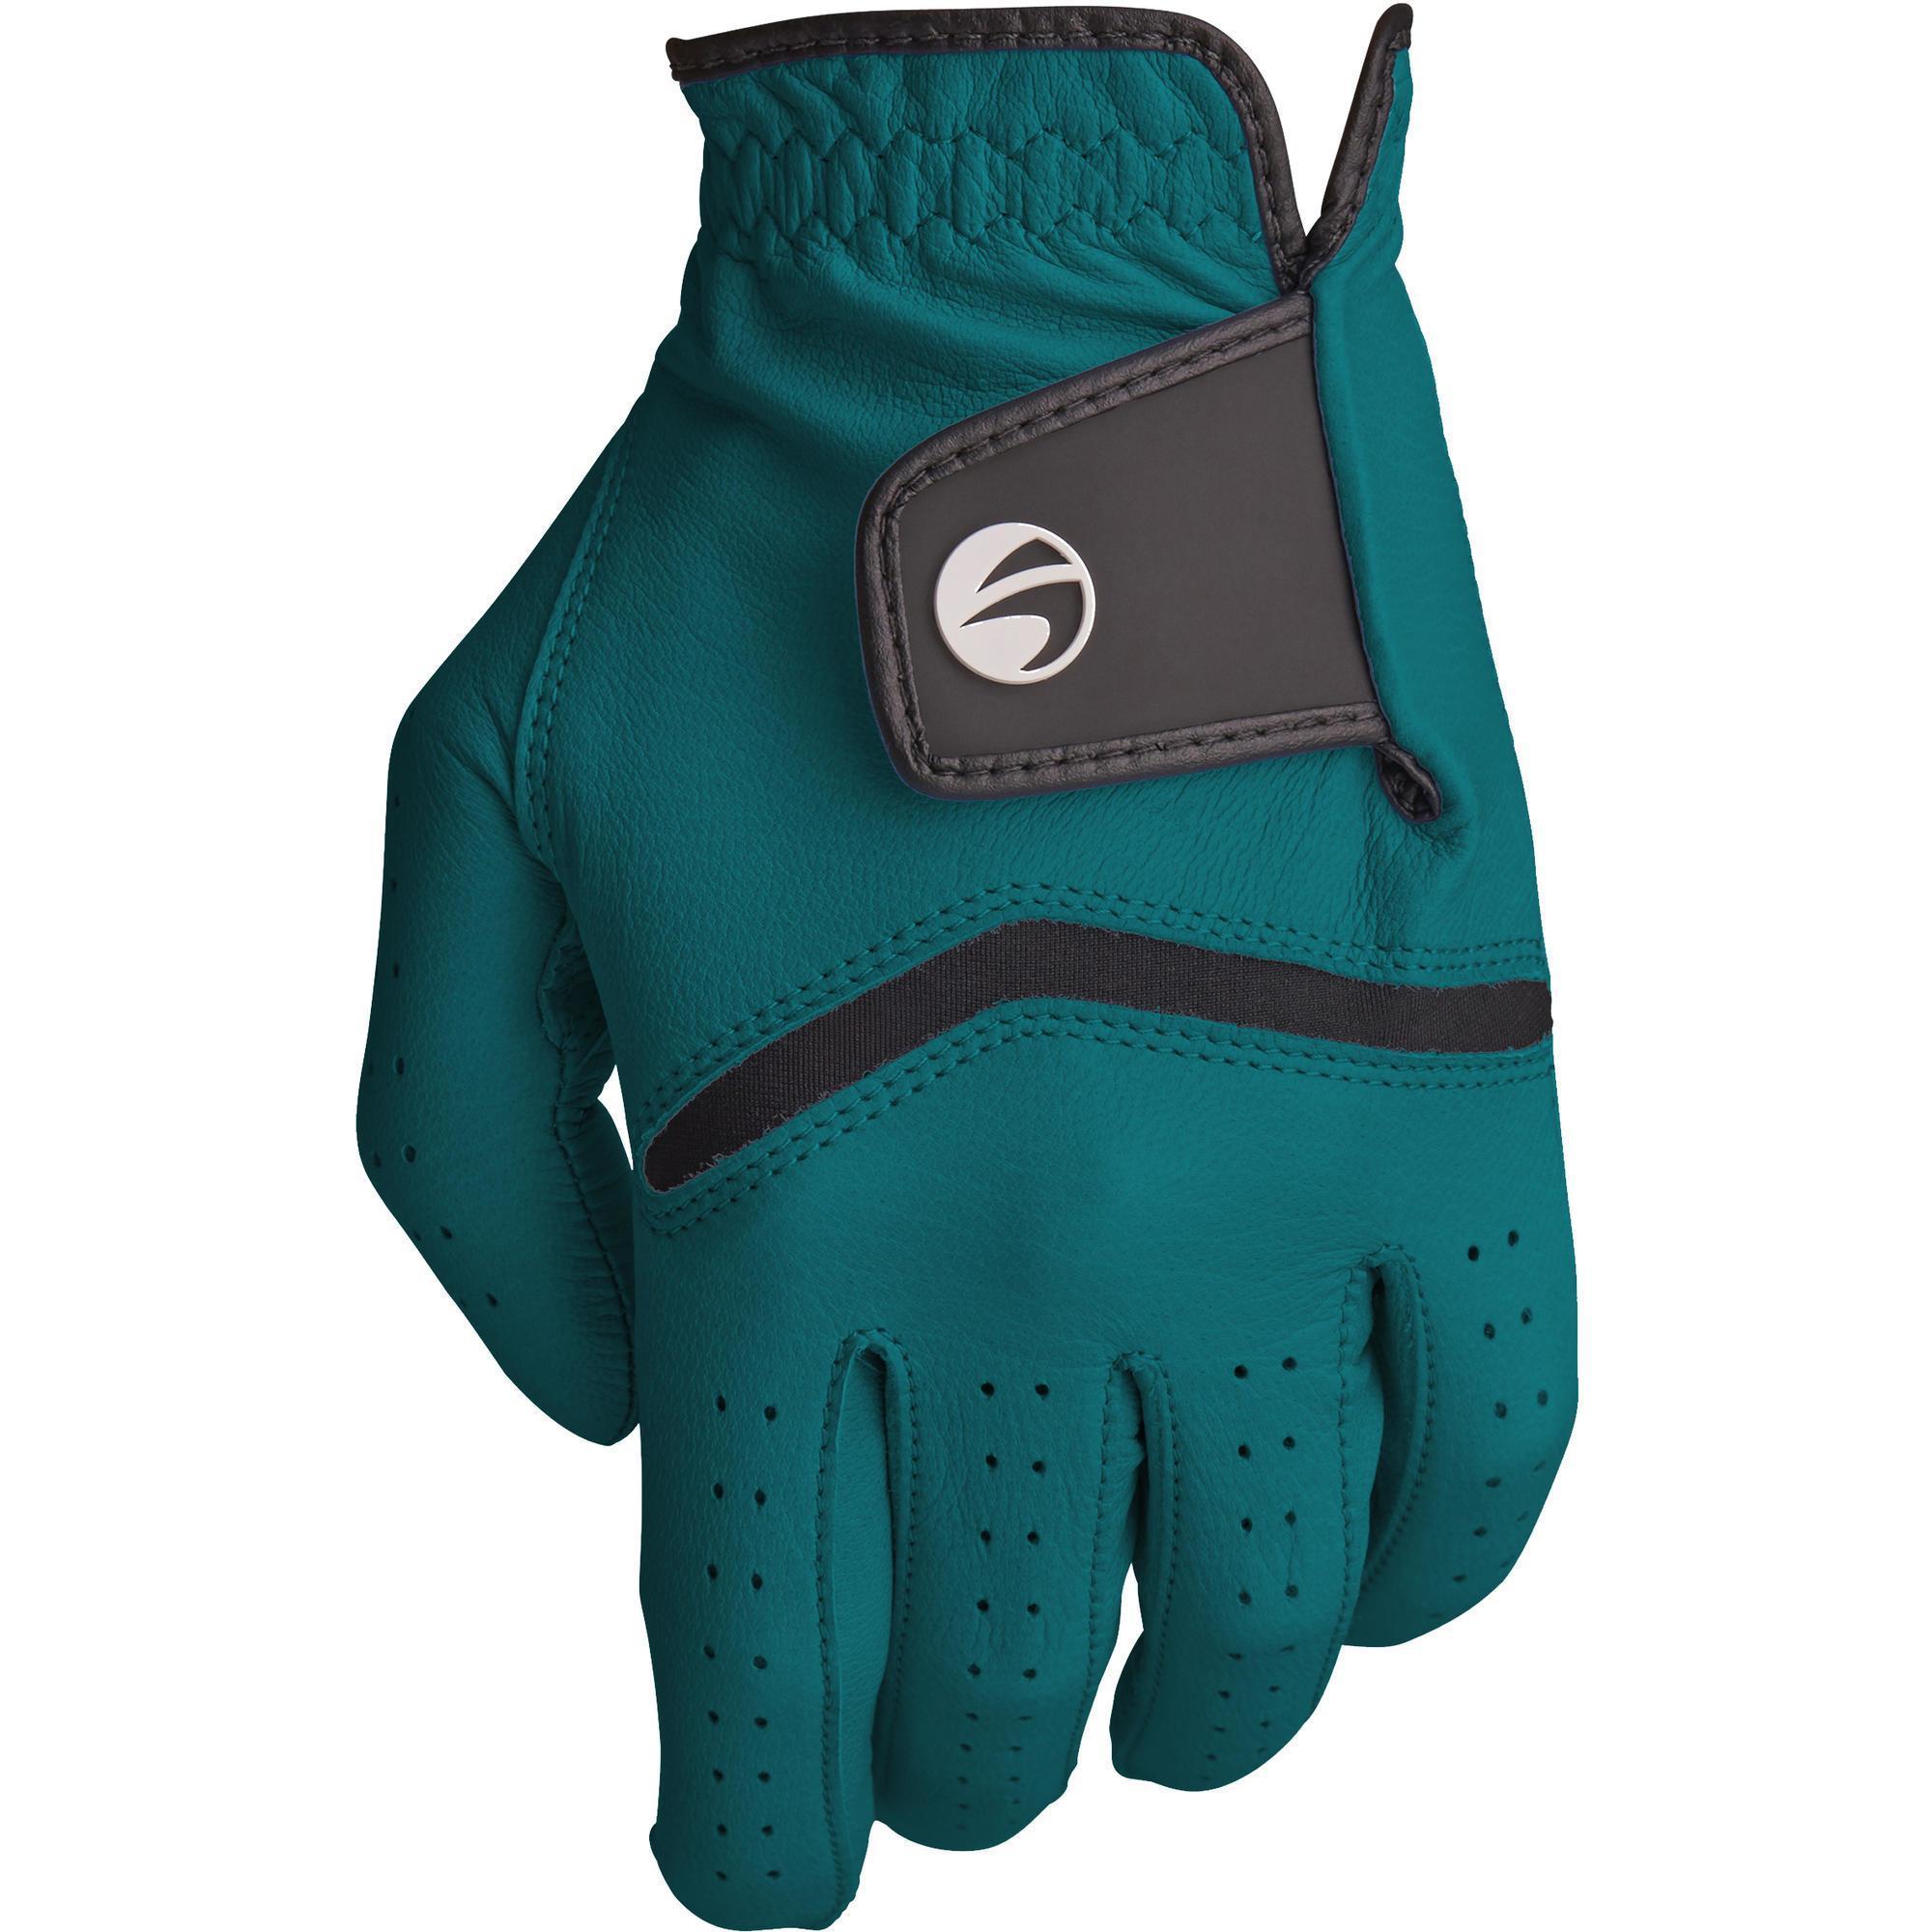 Inesis Golfhandschoen 500 voor halfgevorderde en gevorderde dames rechtshandig groen kopen